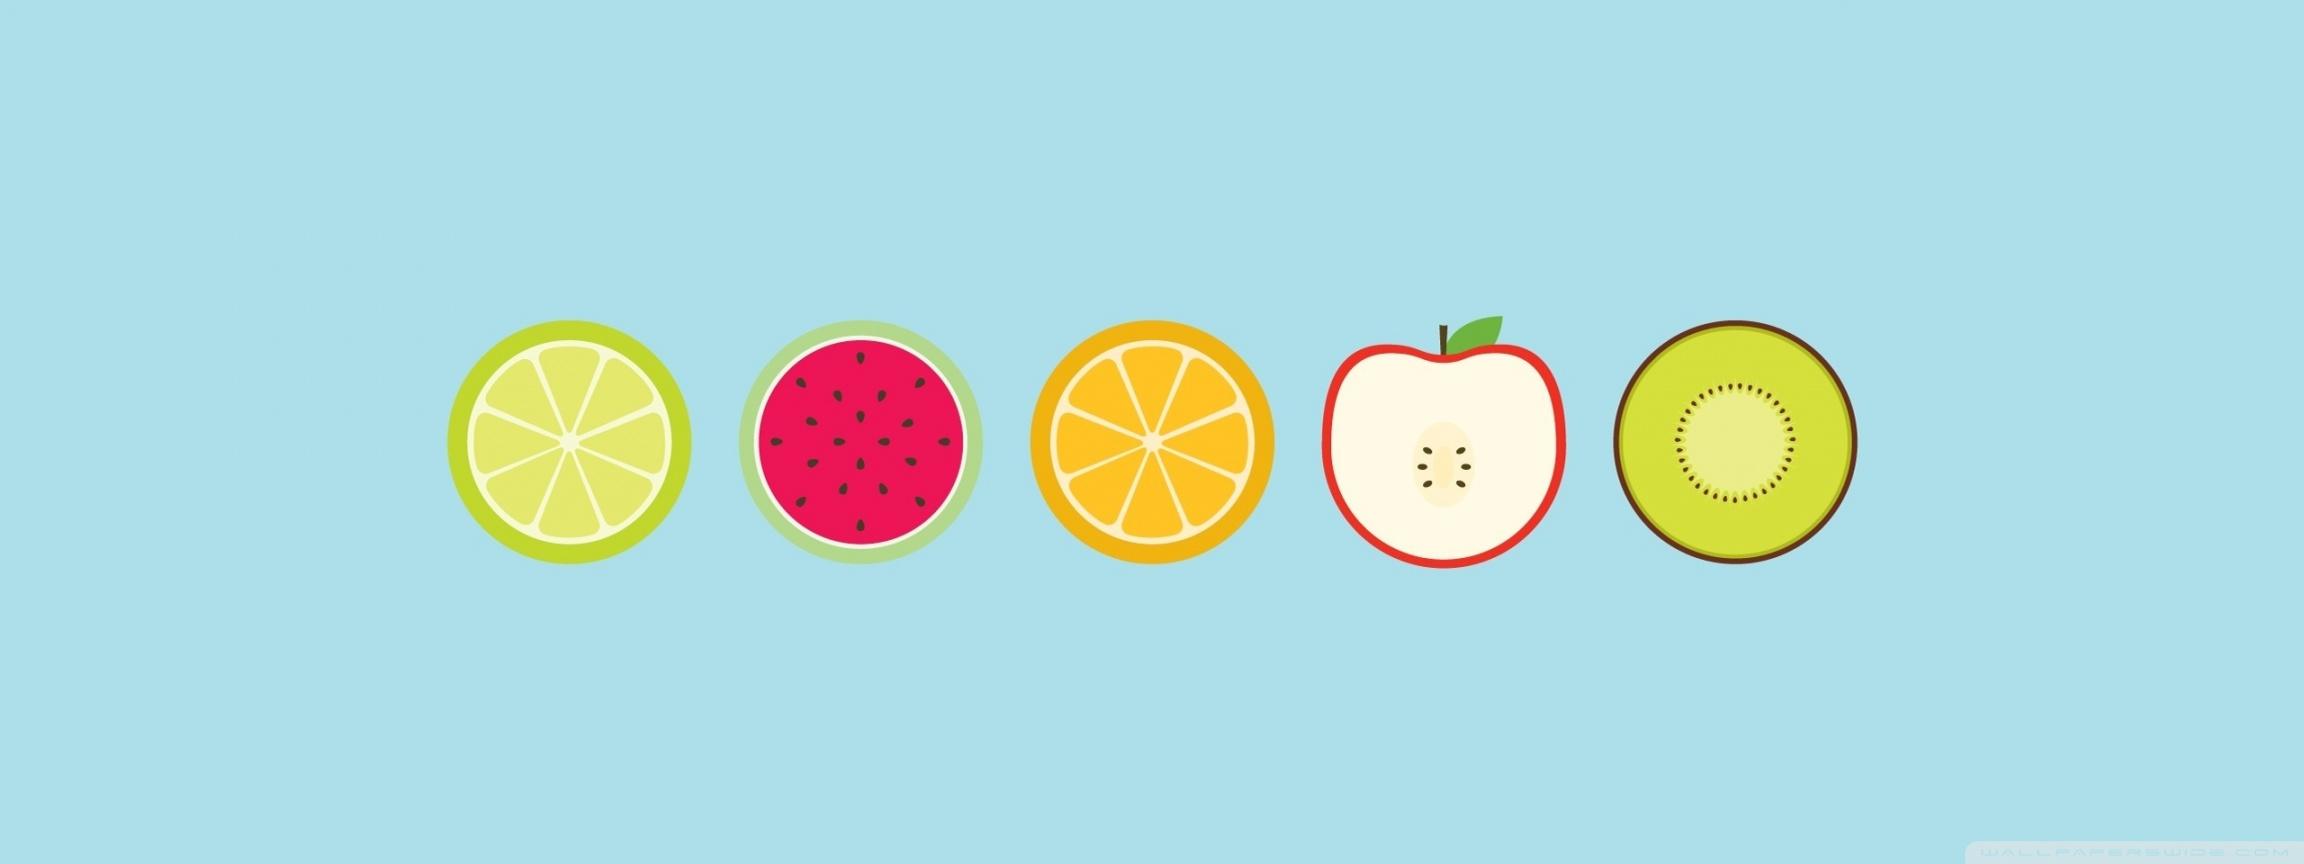 Cute Quote Desktop Wallpaper Fruit Slice 4k Hd Desktop Wallpaper For 4k Ultra Hd Tv